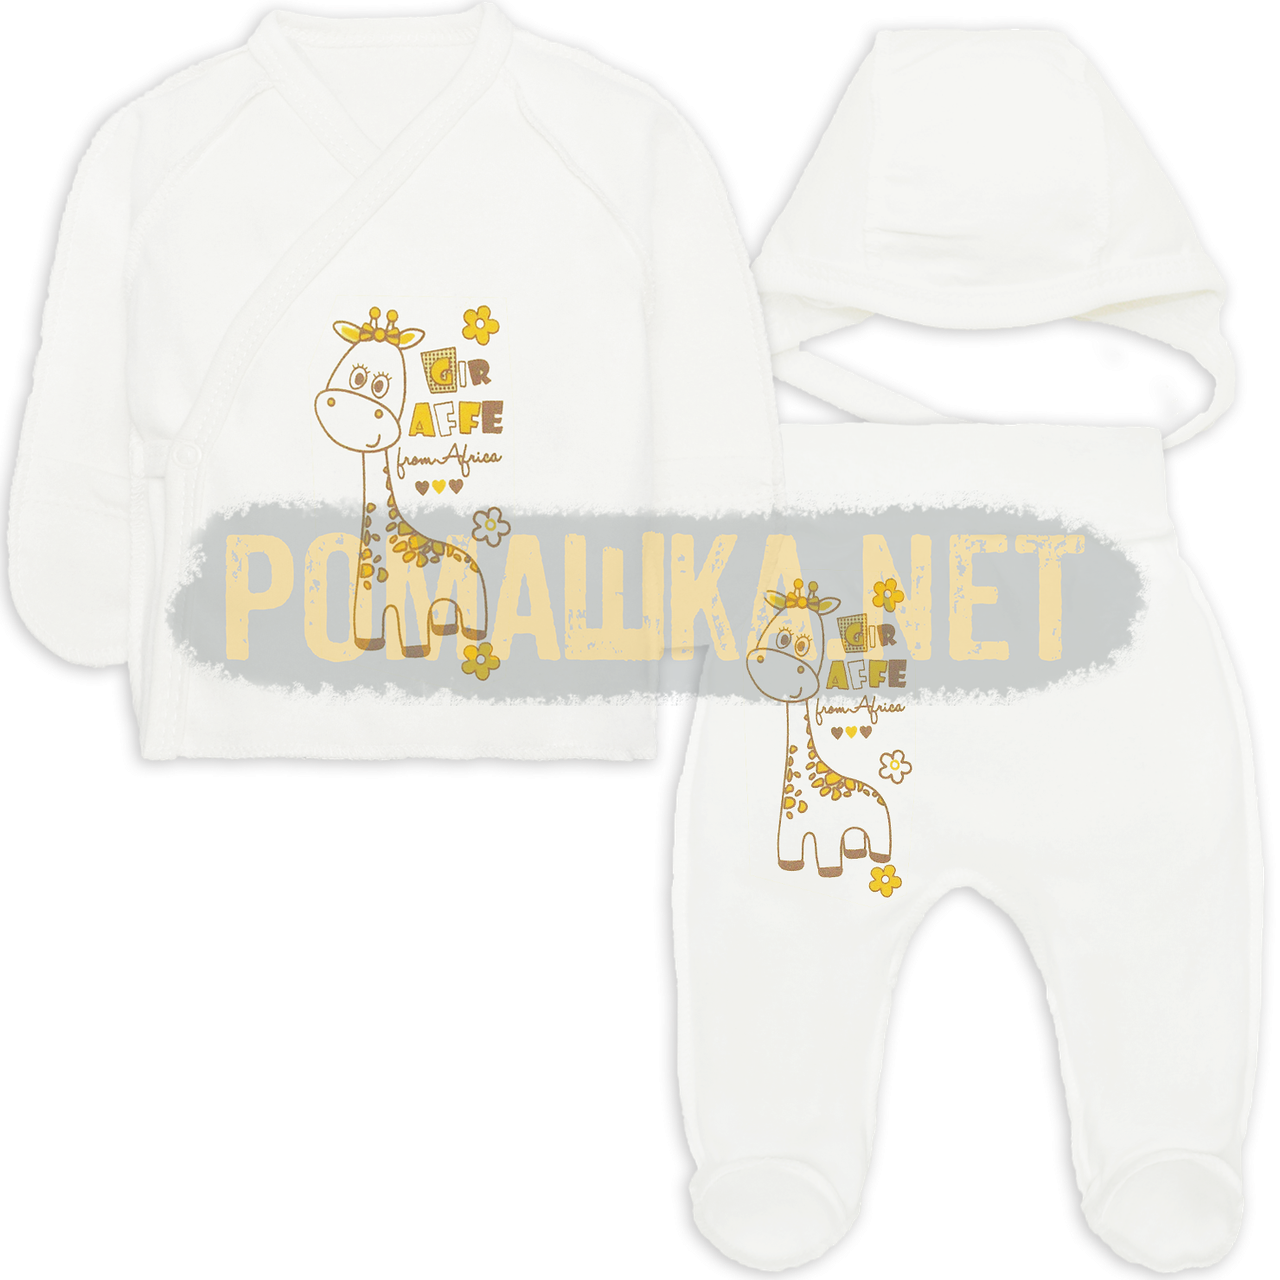 0227c47831beb Костюмчик (комплект) на выписку р. 56 для новорожденного тонкий ткань КУЛИР  100%